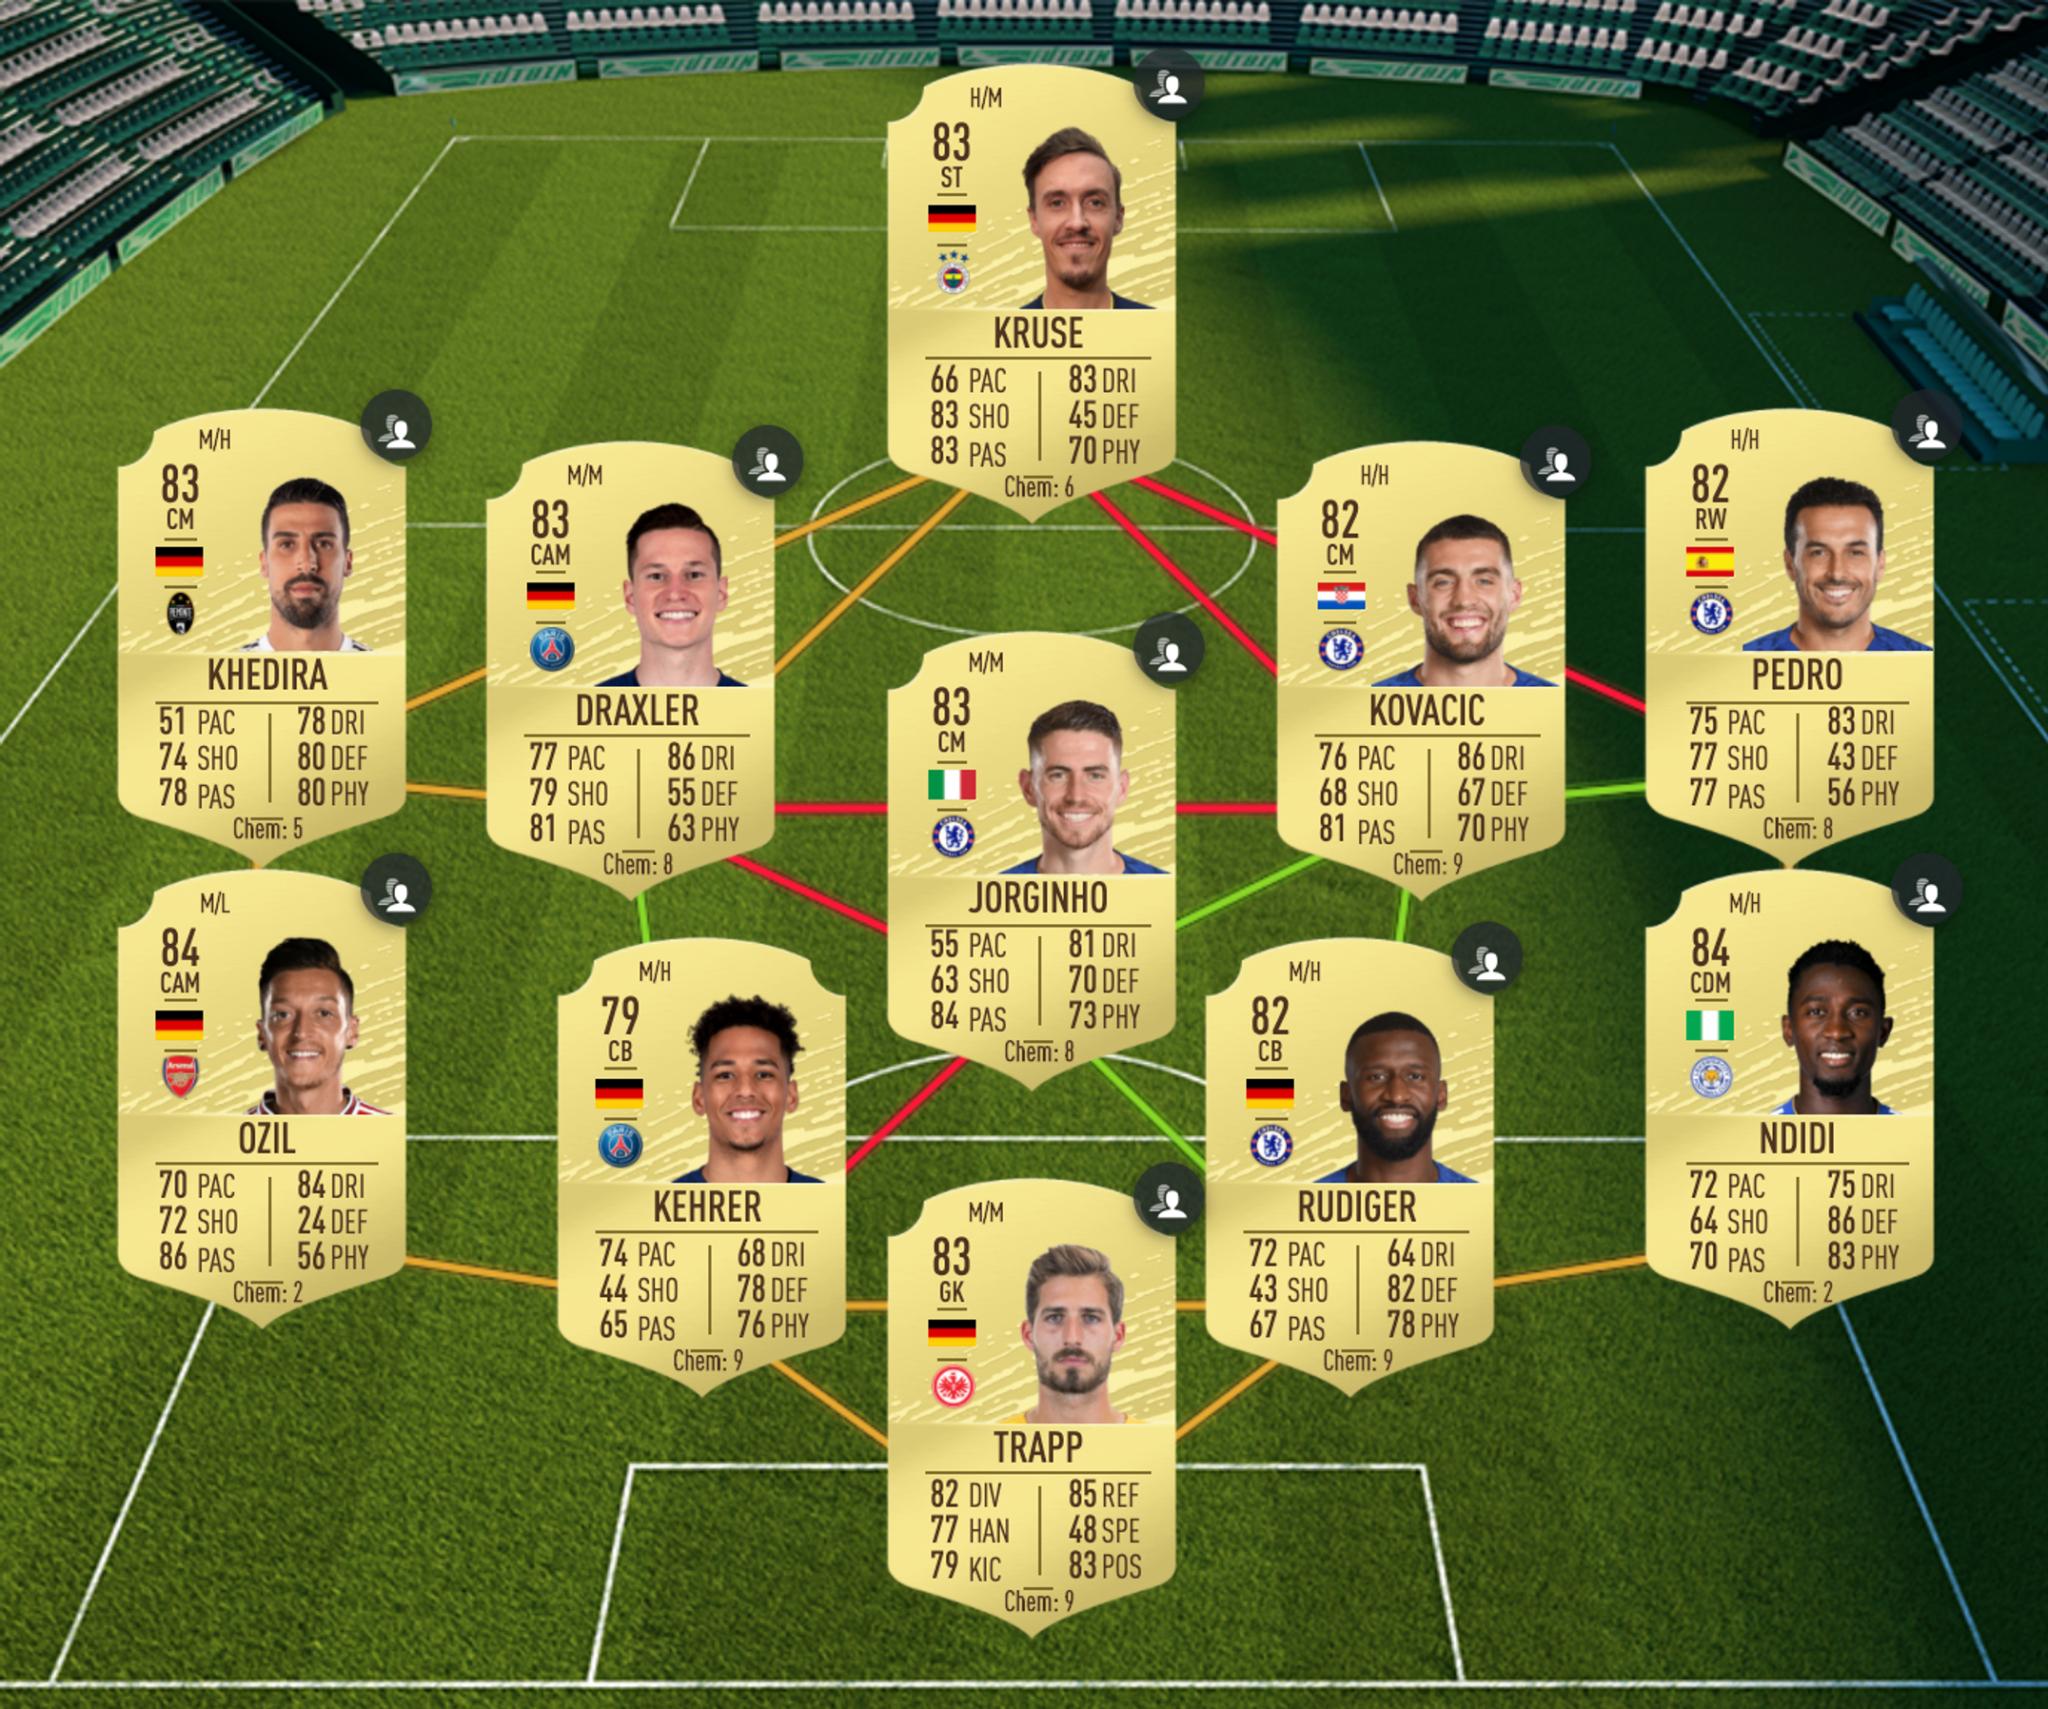 FIFA 20 Paris Saint-Germain SBCsolution